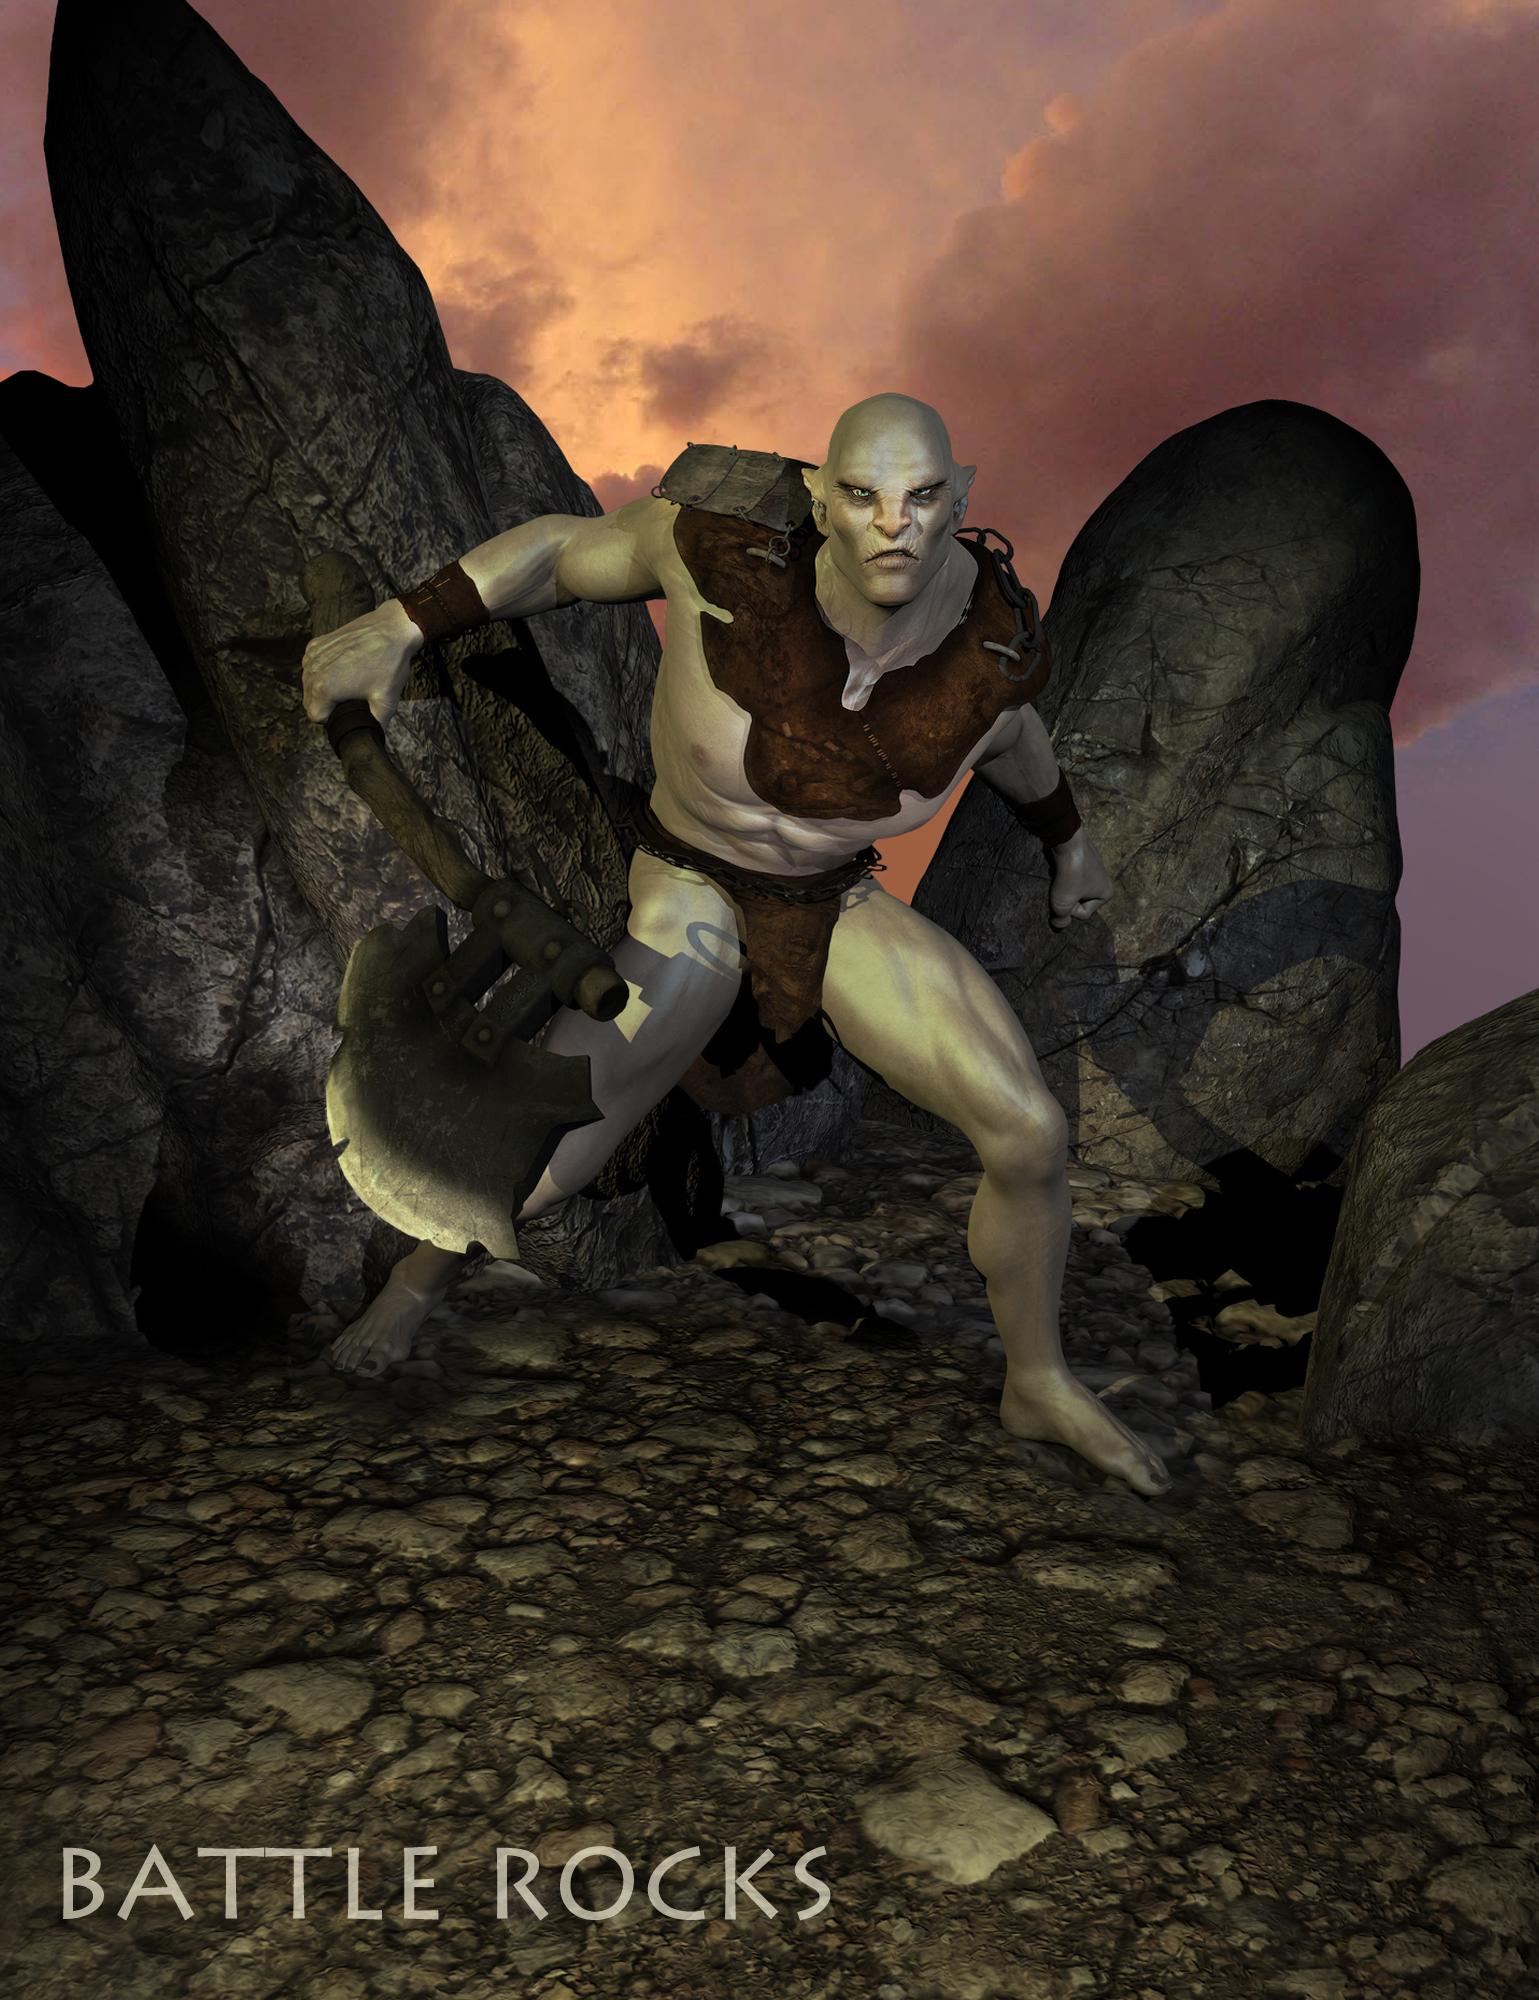 Battle Rocks by: The AntFarm, 3D Models by Daz 3D